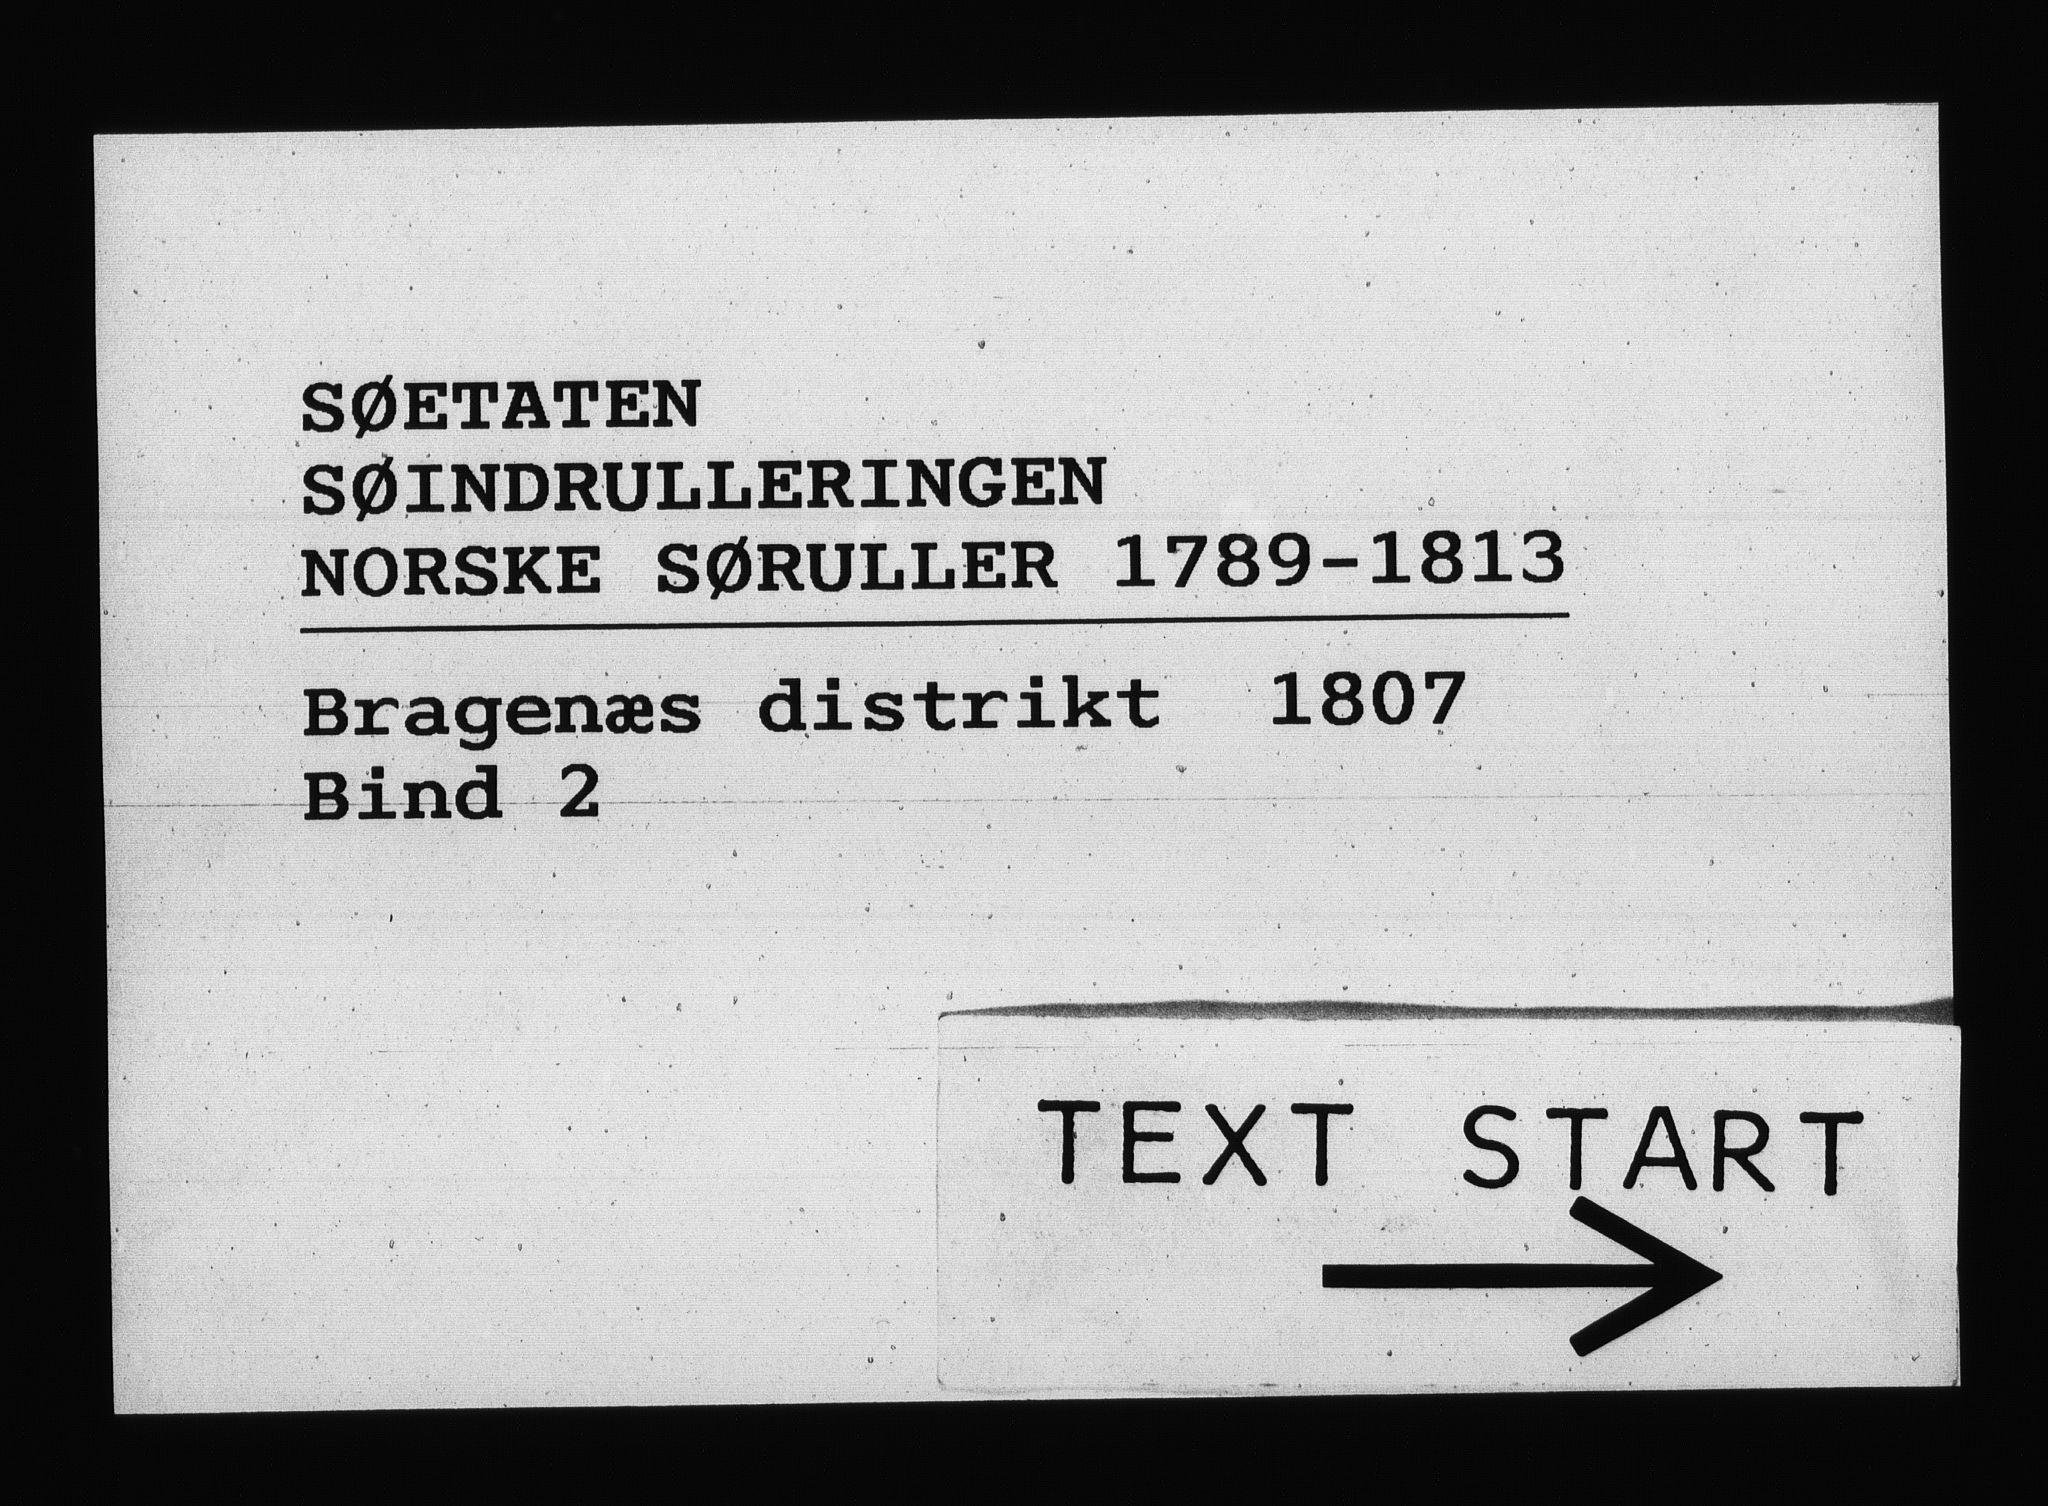 RA, Sjøetaten, F/L0150: Bragernes distrikt, bind 2, 1807